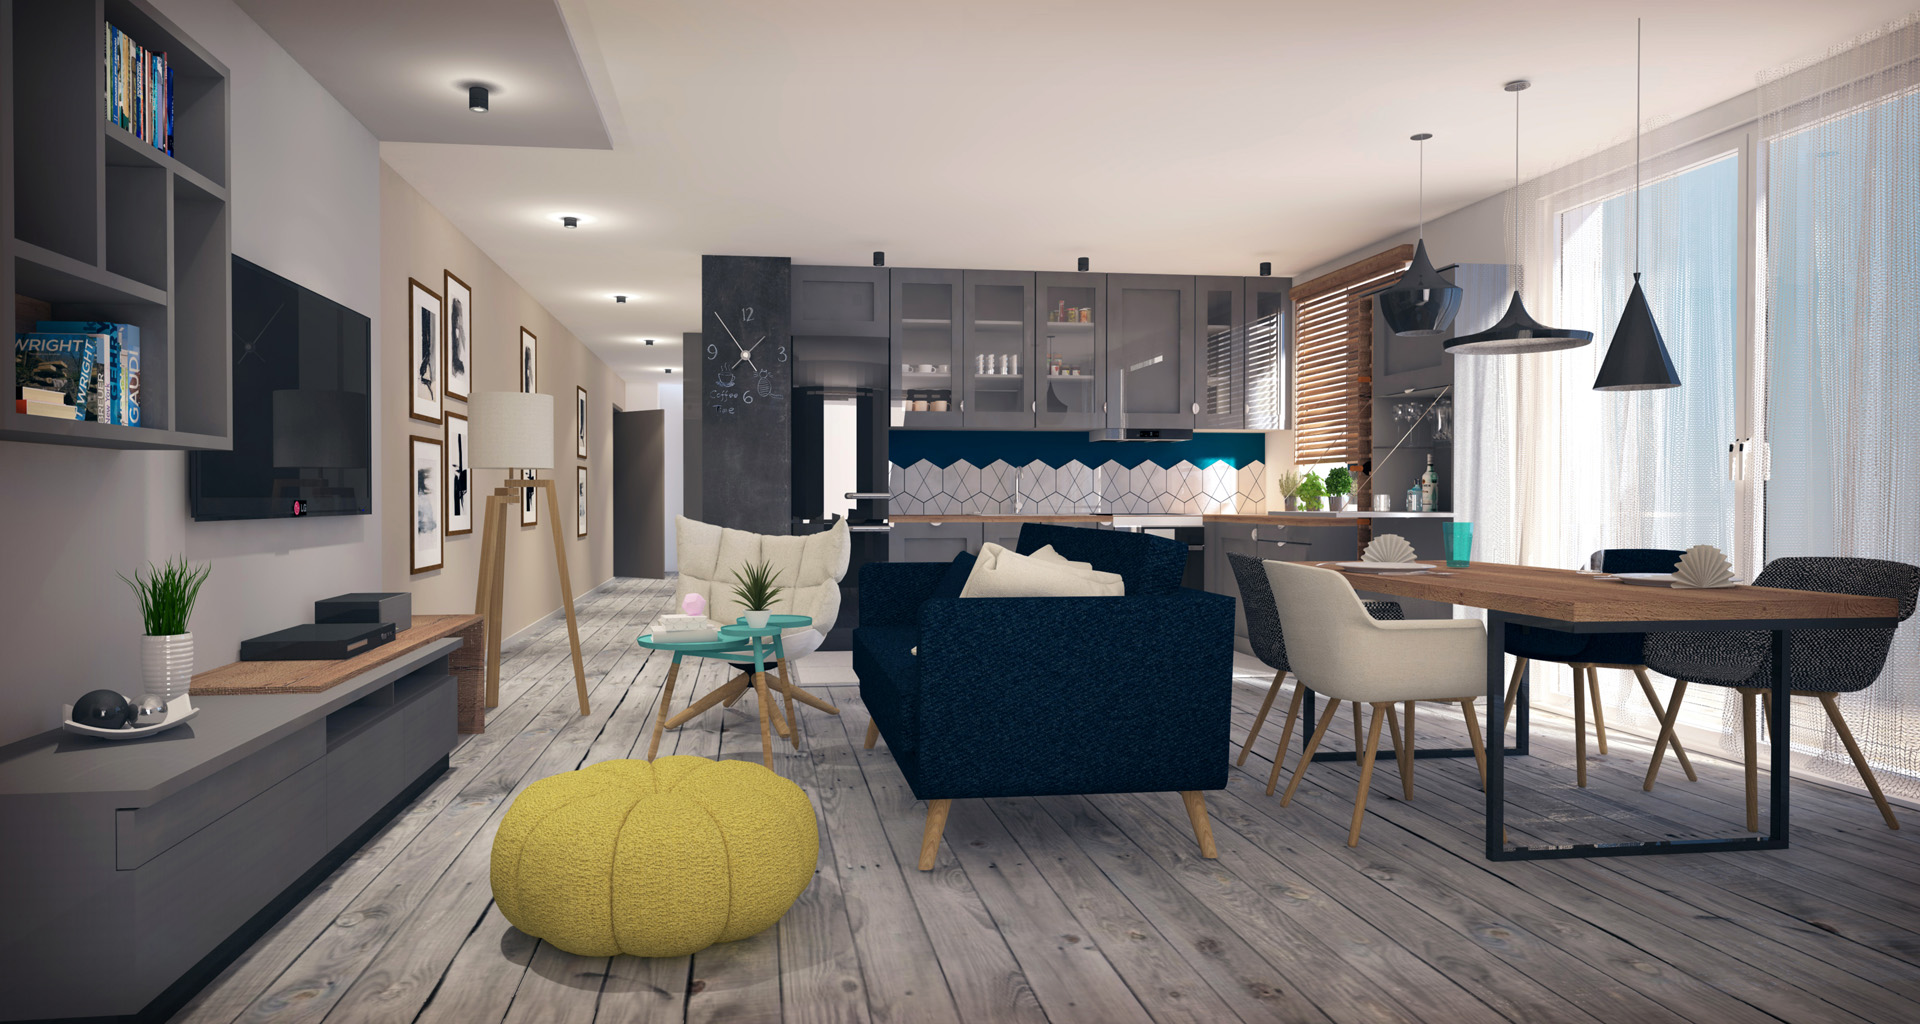 Projekt wnętrza mieszkania - styl skandynawski - salon z kuchnią. M2 Architektura - Architekci Katowice.